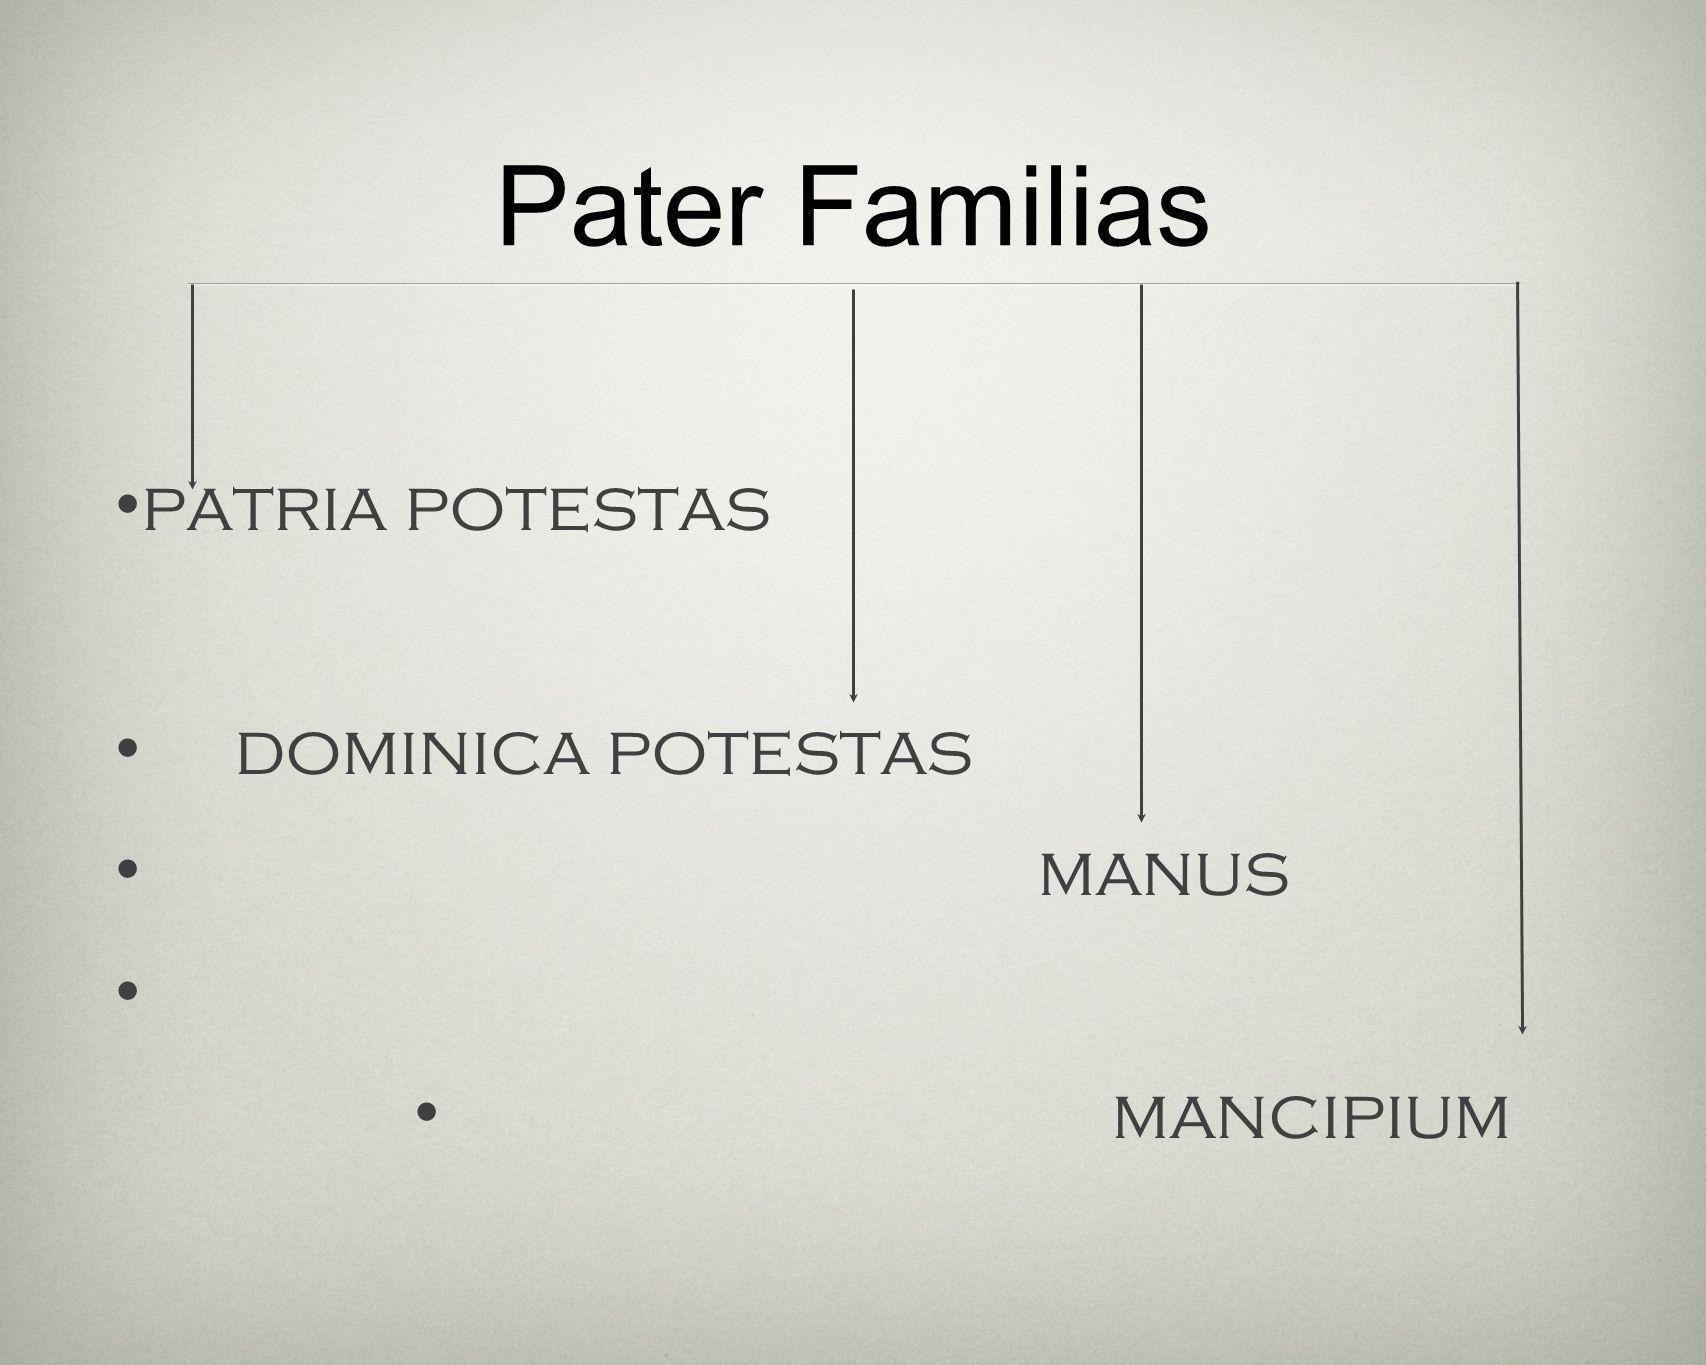 Pater Familias patria potestas dominica potestas manus mancipium